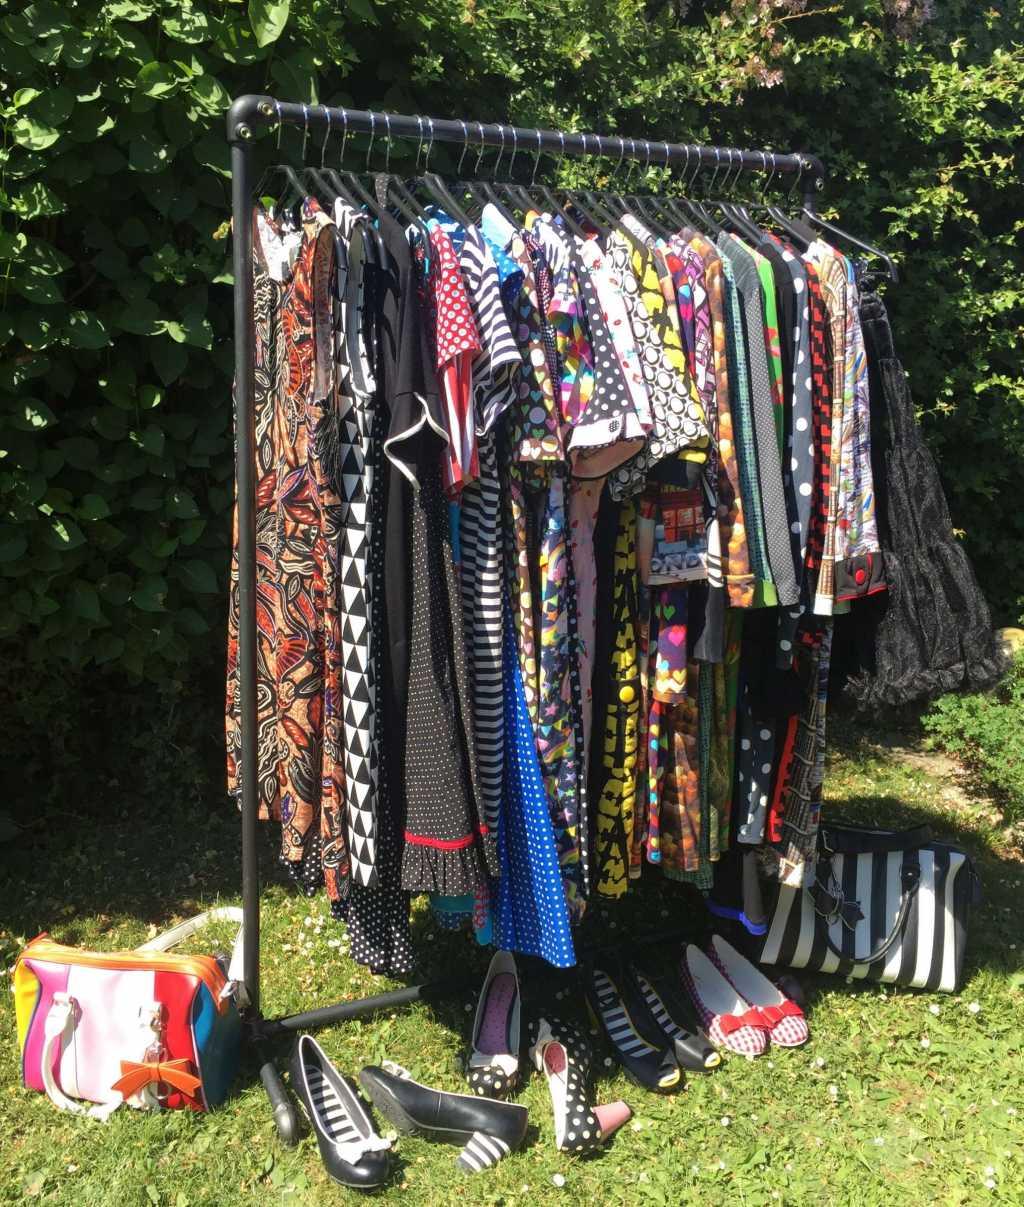 ziito.dk, ziito, tøjstativ, bæredygtighed, vandrør, kjoler, lindybop, dumilde, margot, stativ,